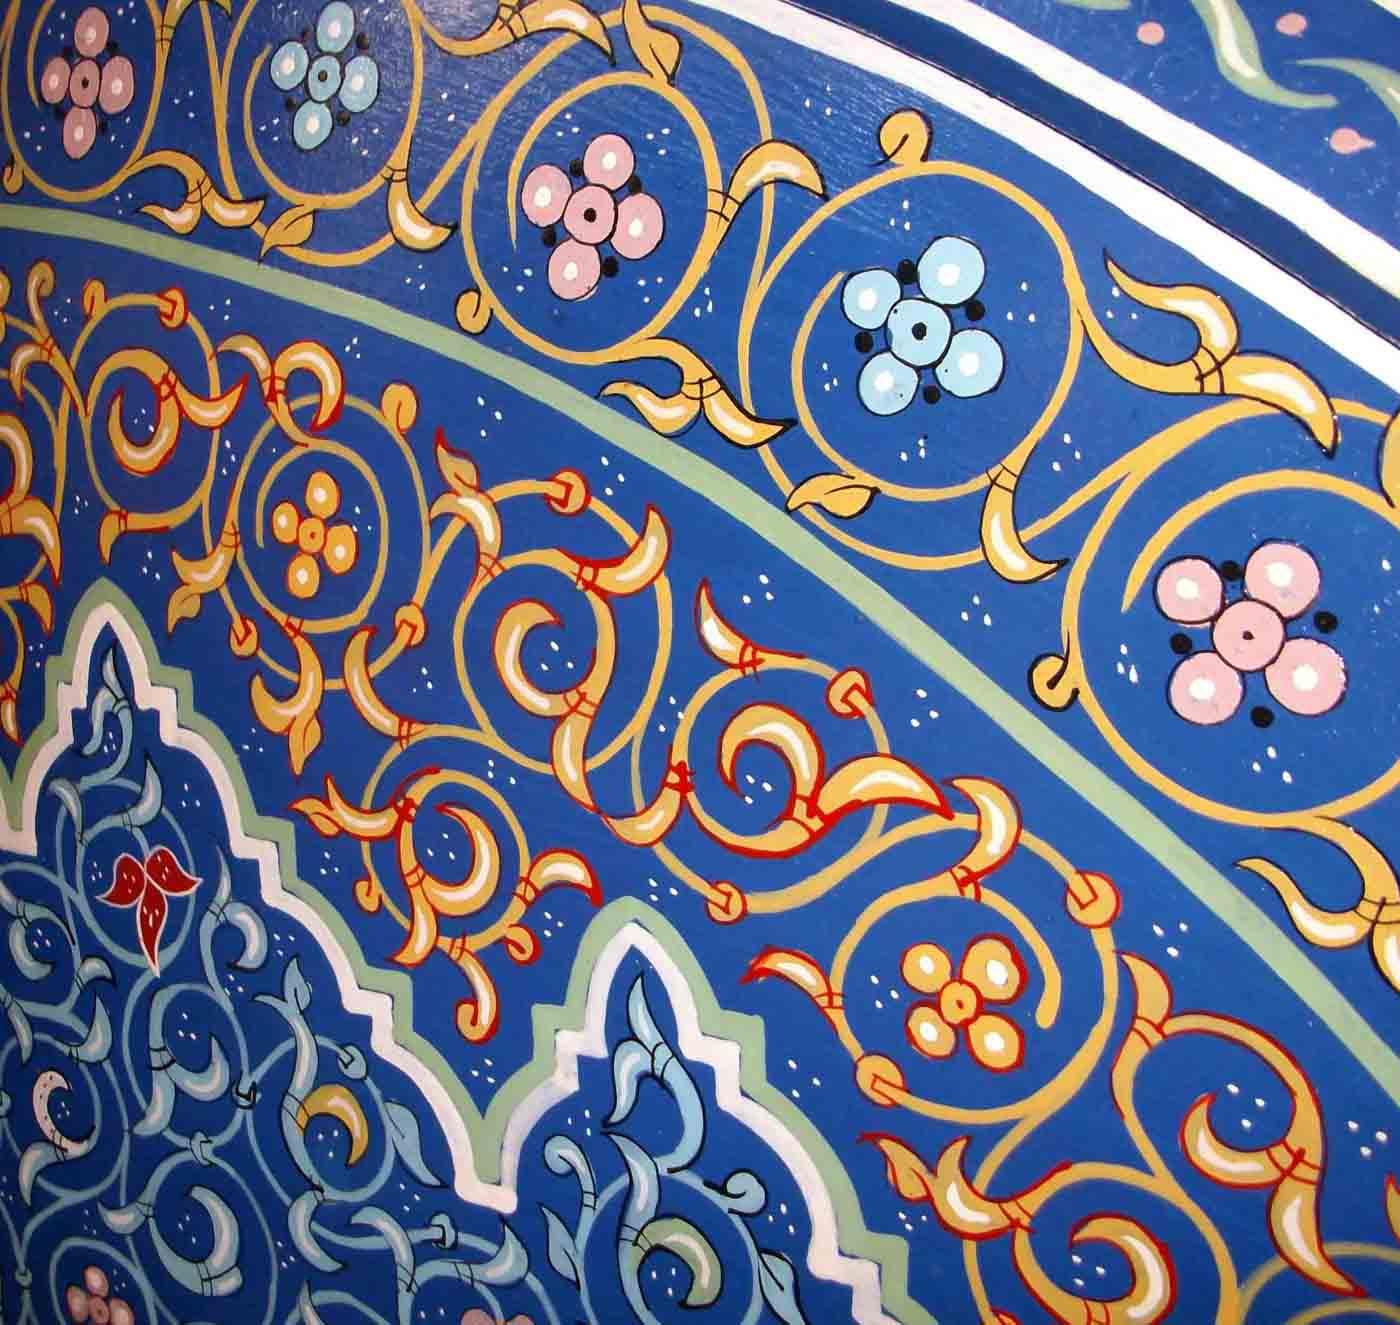 Testata letto mobili e complementi mobili marocchini in - Marocchine a letto ...